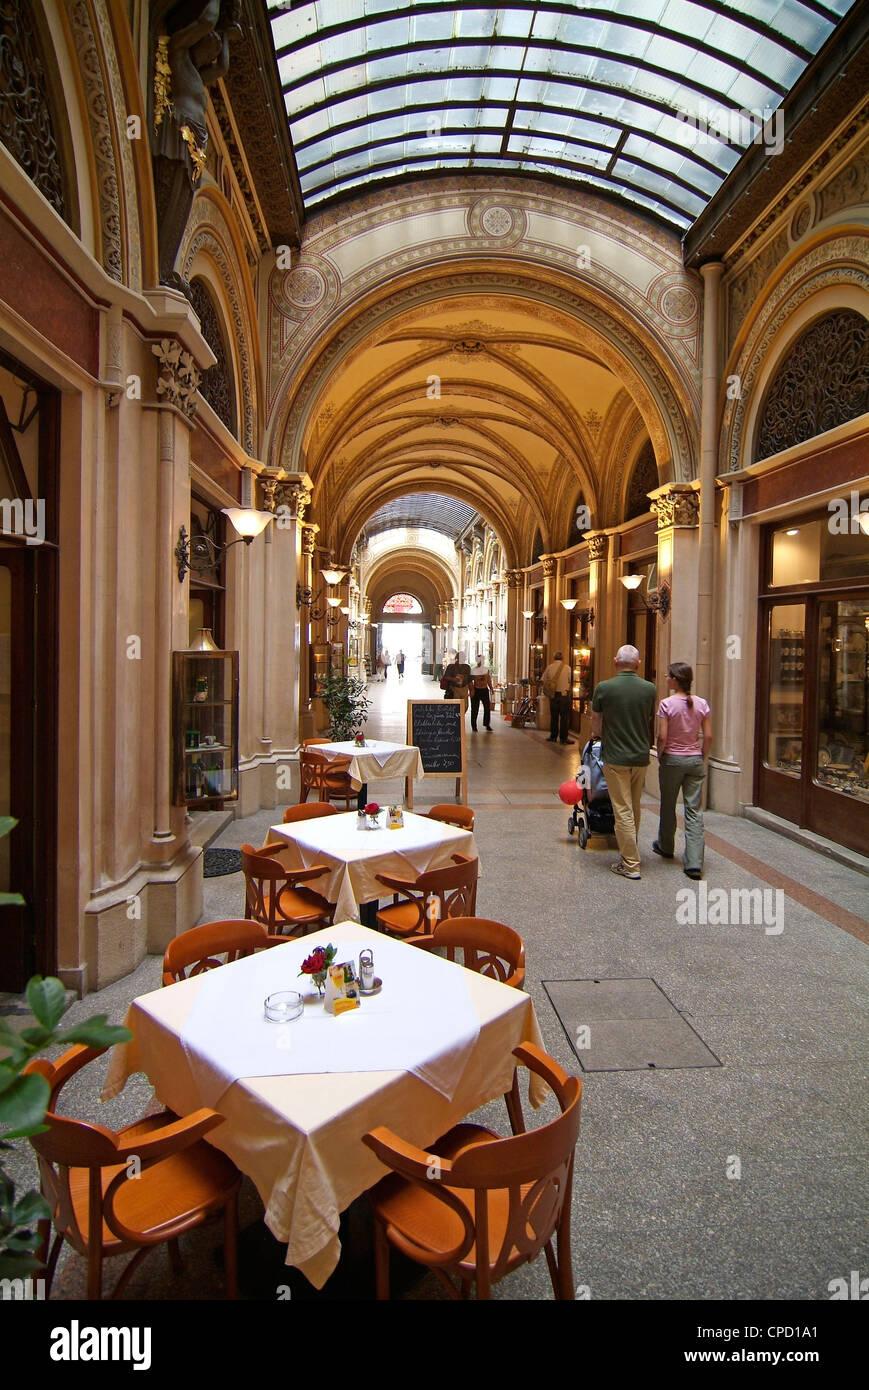 Gallery near Karntner Stravue, Vienna, Austria, Europe - Stock Image